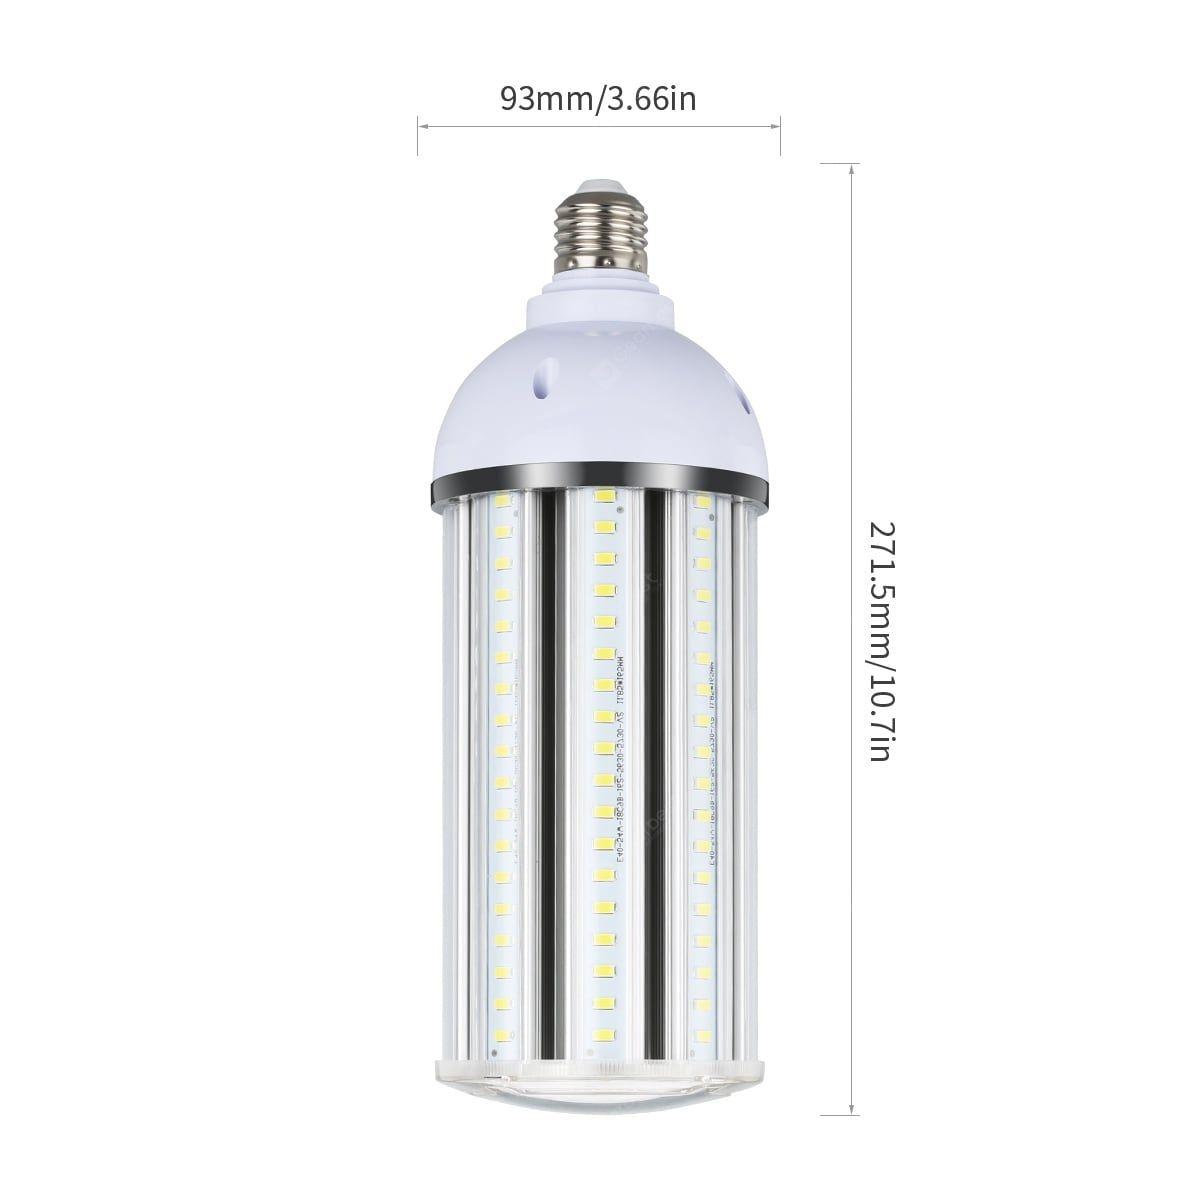 Lampwin 54w Led Corn Light Bulb Lm E27 Base K Cool